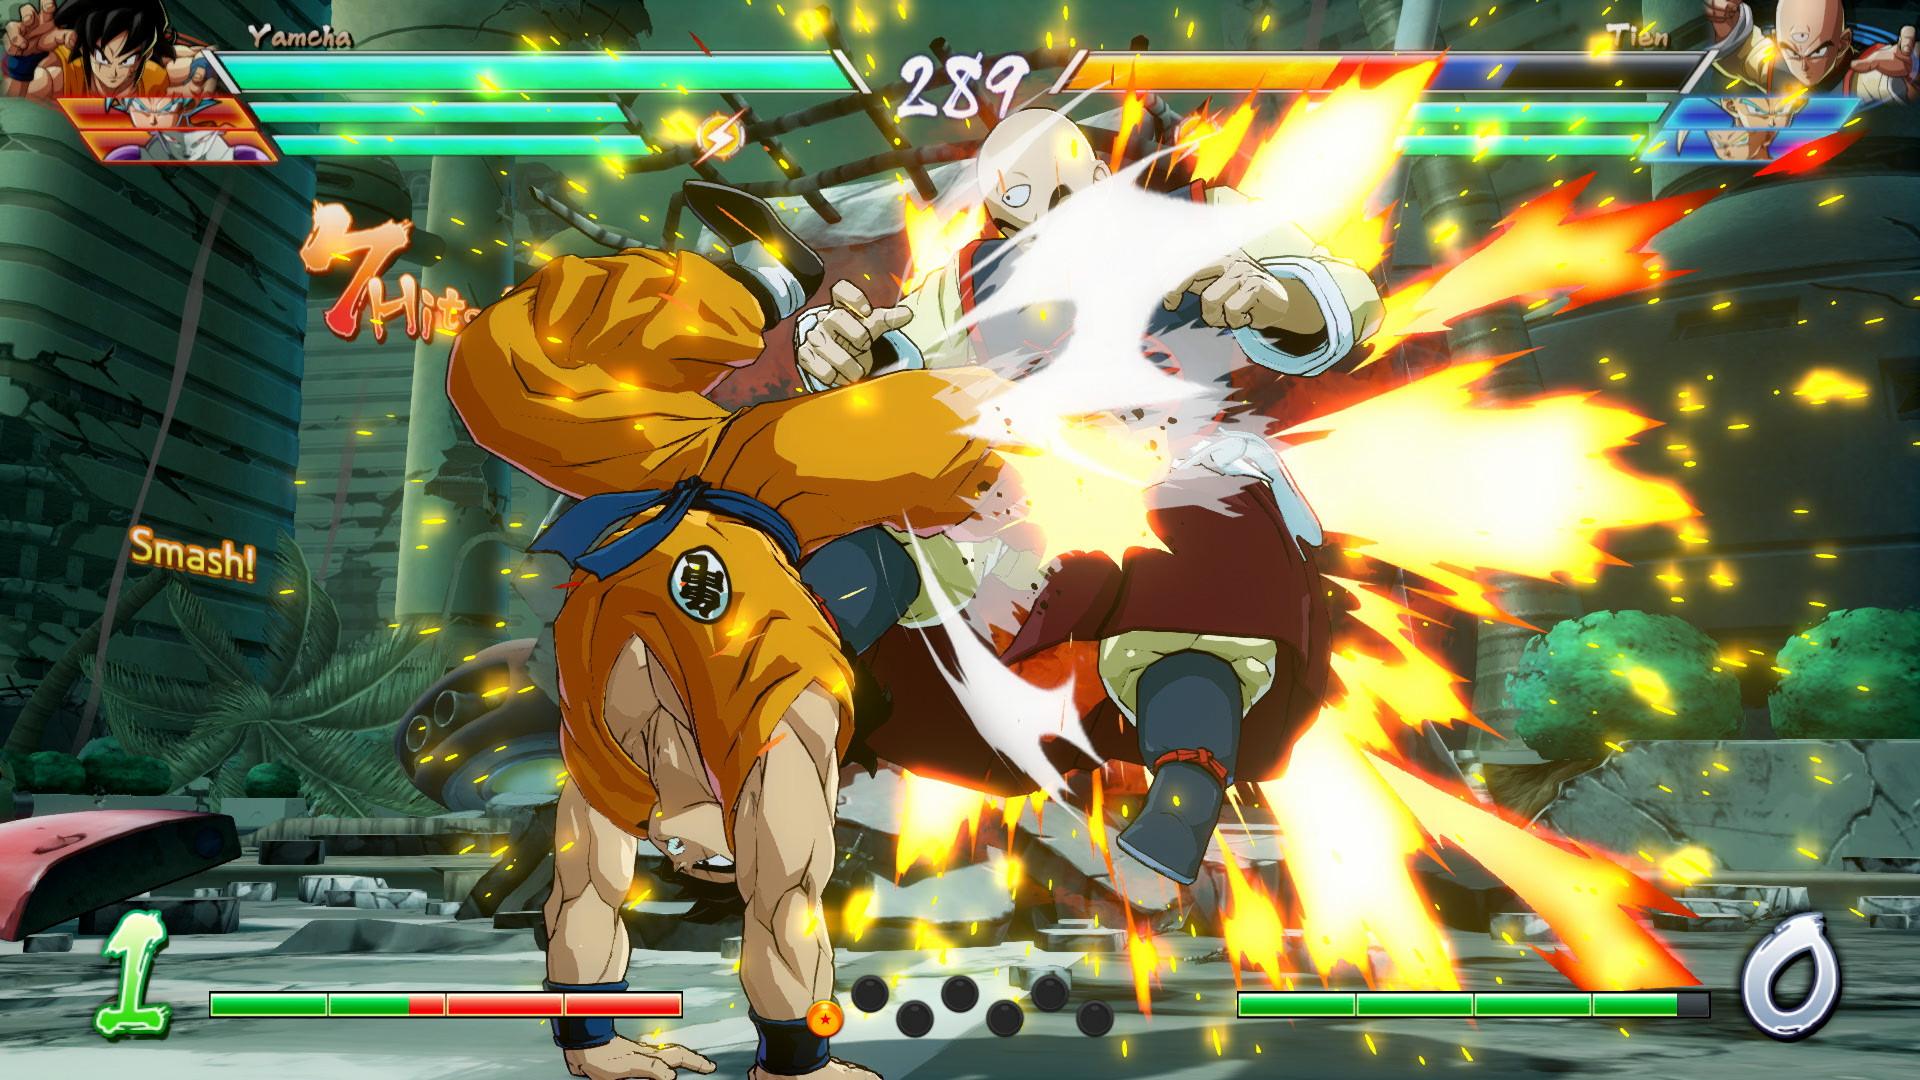 KHAiHOM.com - DRAGON BALL FighterZ